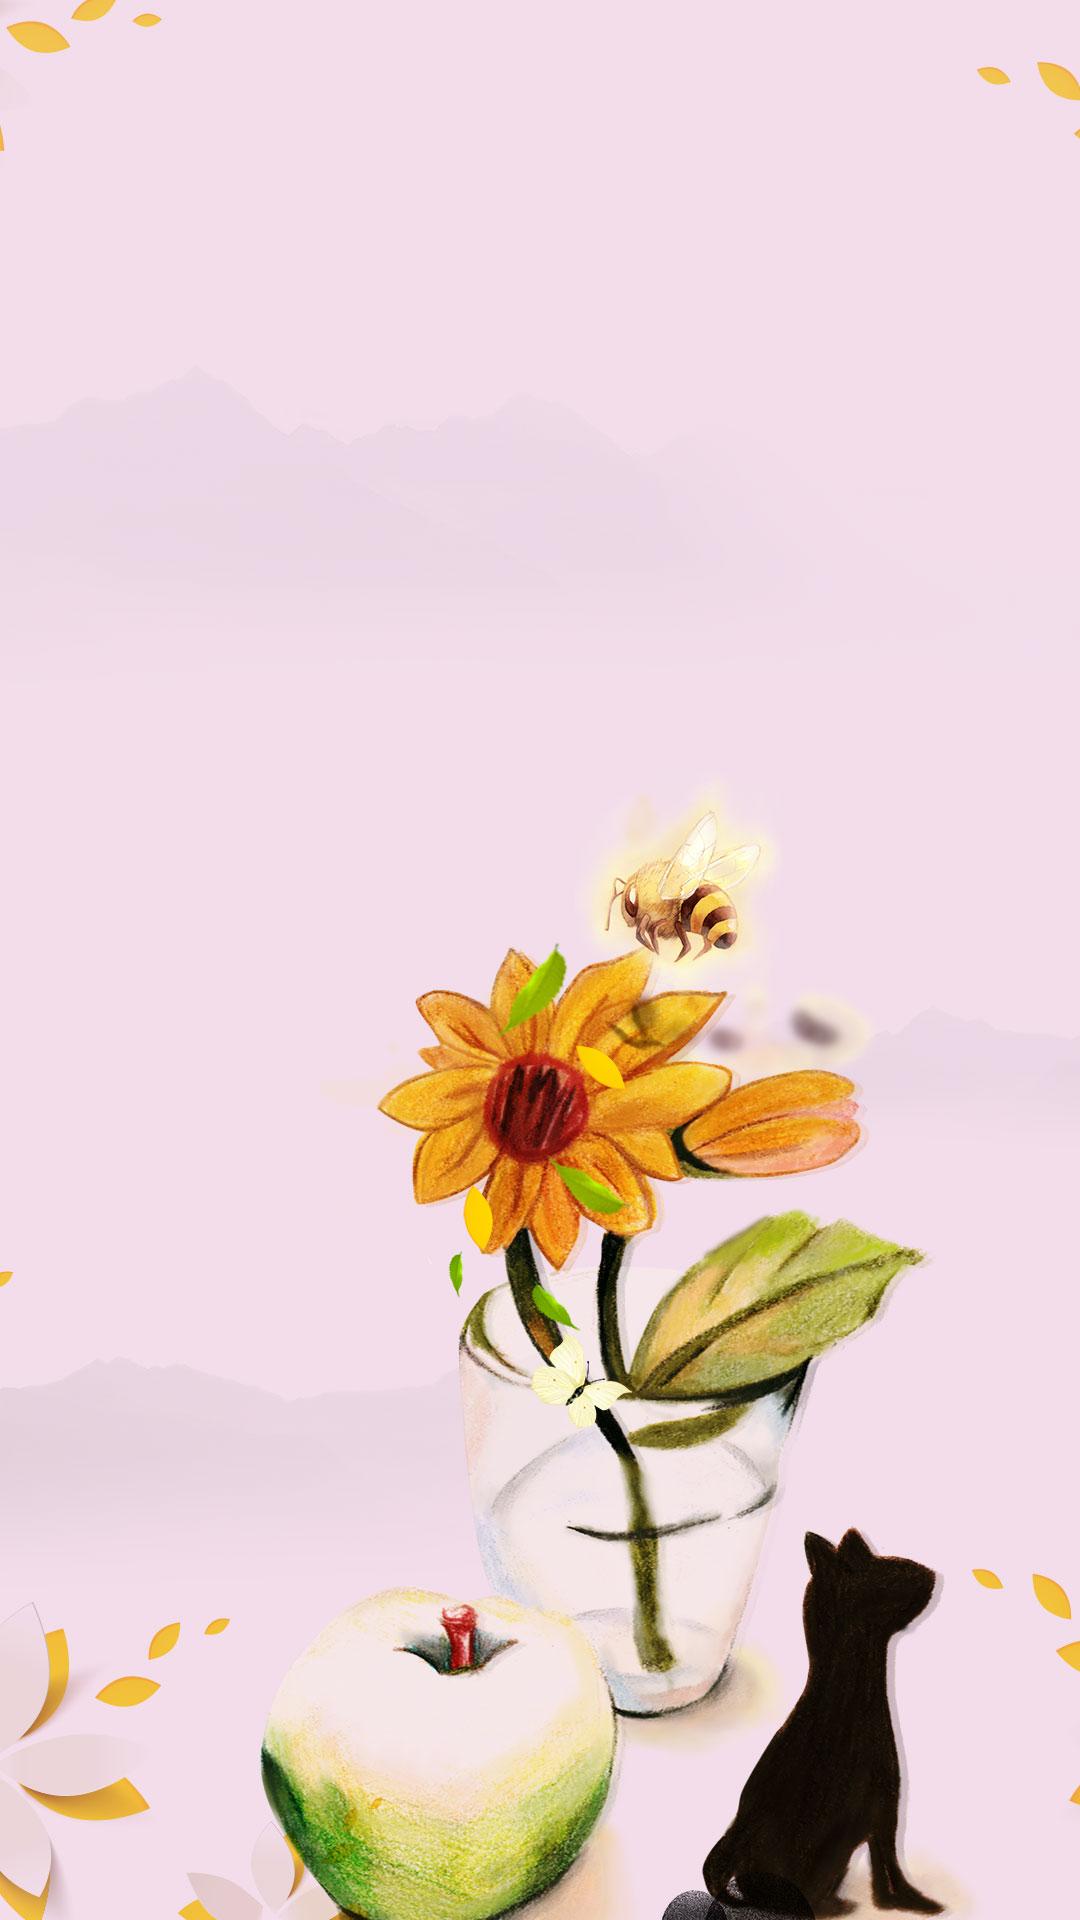 Choi chì vẽ minh họa cho bài hát nền H5 ong bướm Chì Vẽ Minh Họa Cho đấy Original Bằng Tay Hoa Hướng Dương tải về miễn phí ảnh nền